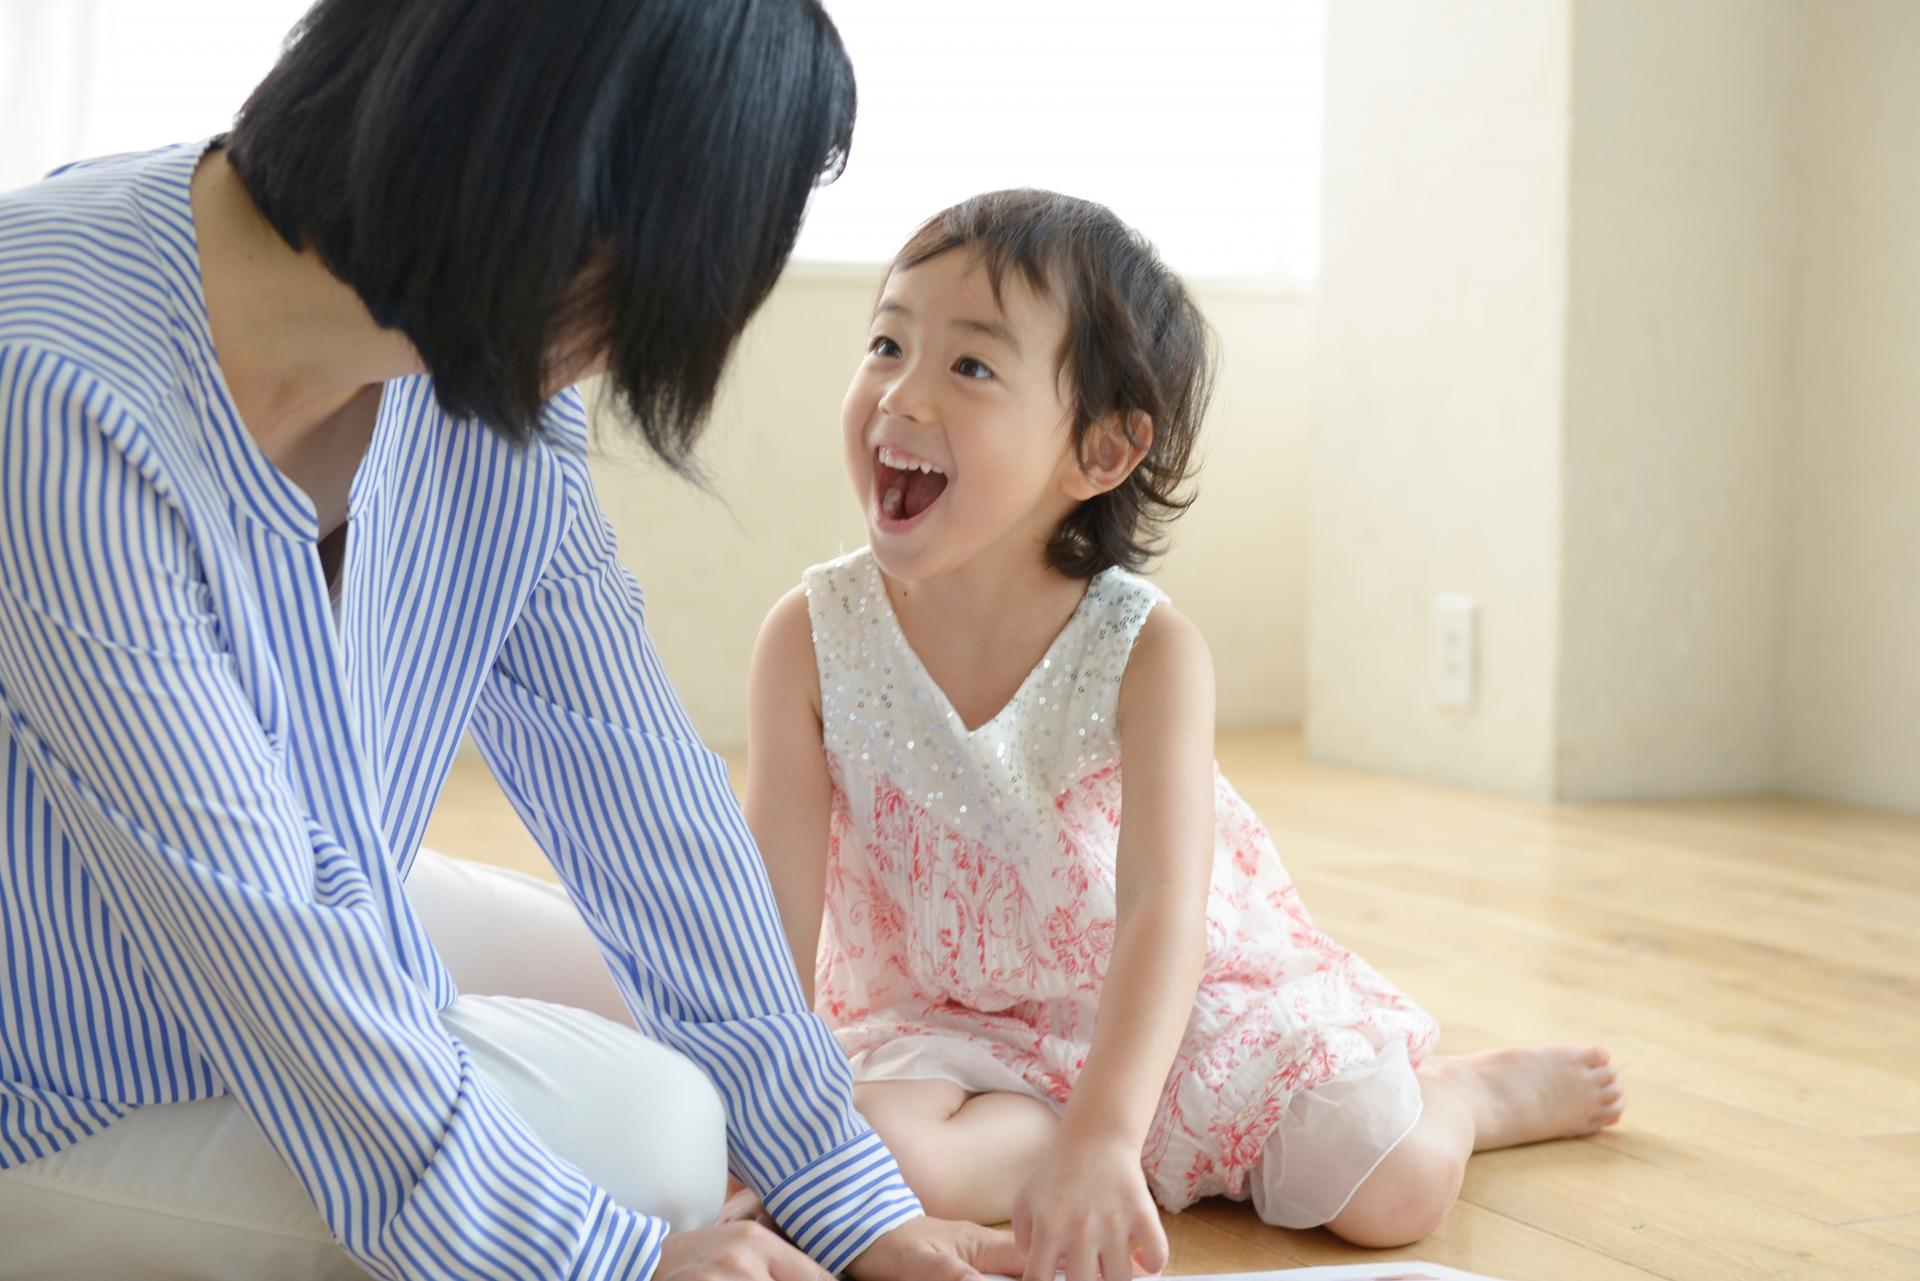 子どもの秘められた能力を引き出し、学力アップ!親が知っておきたい3つのポイントの画像3